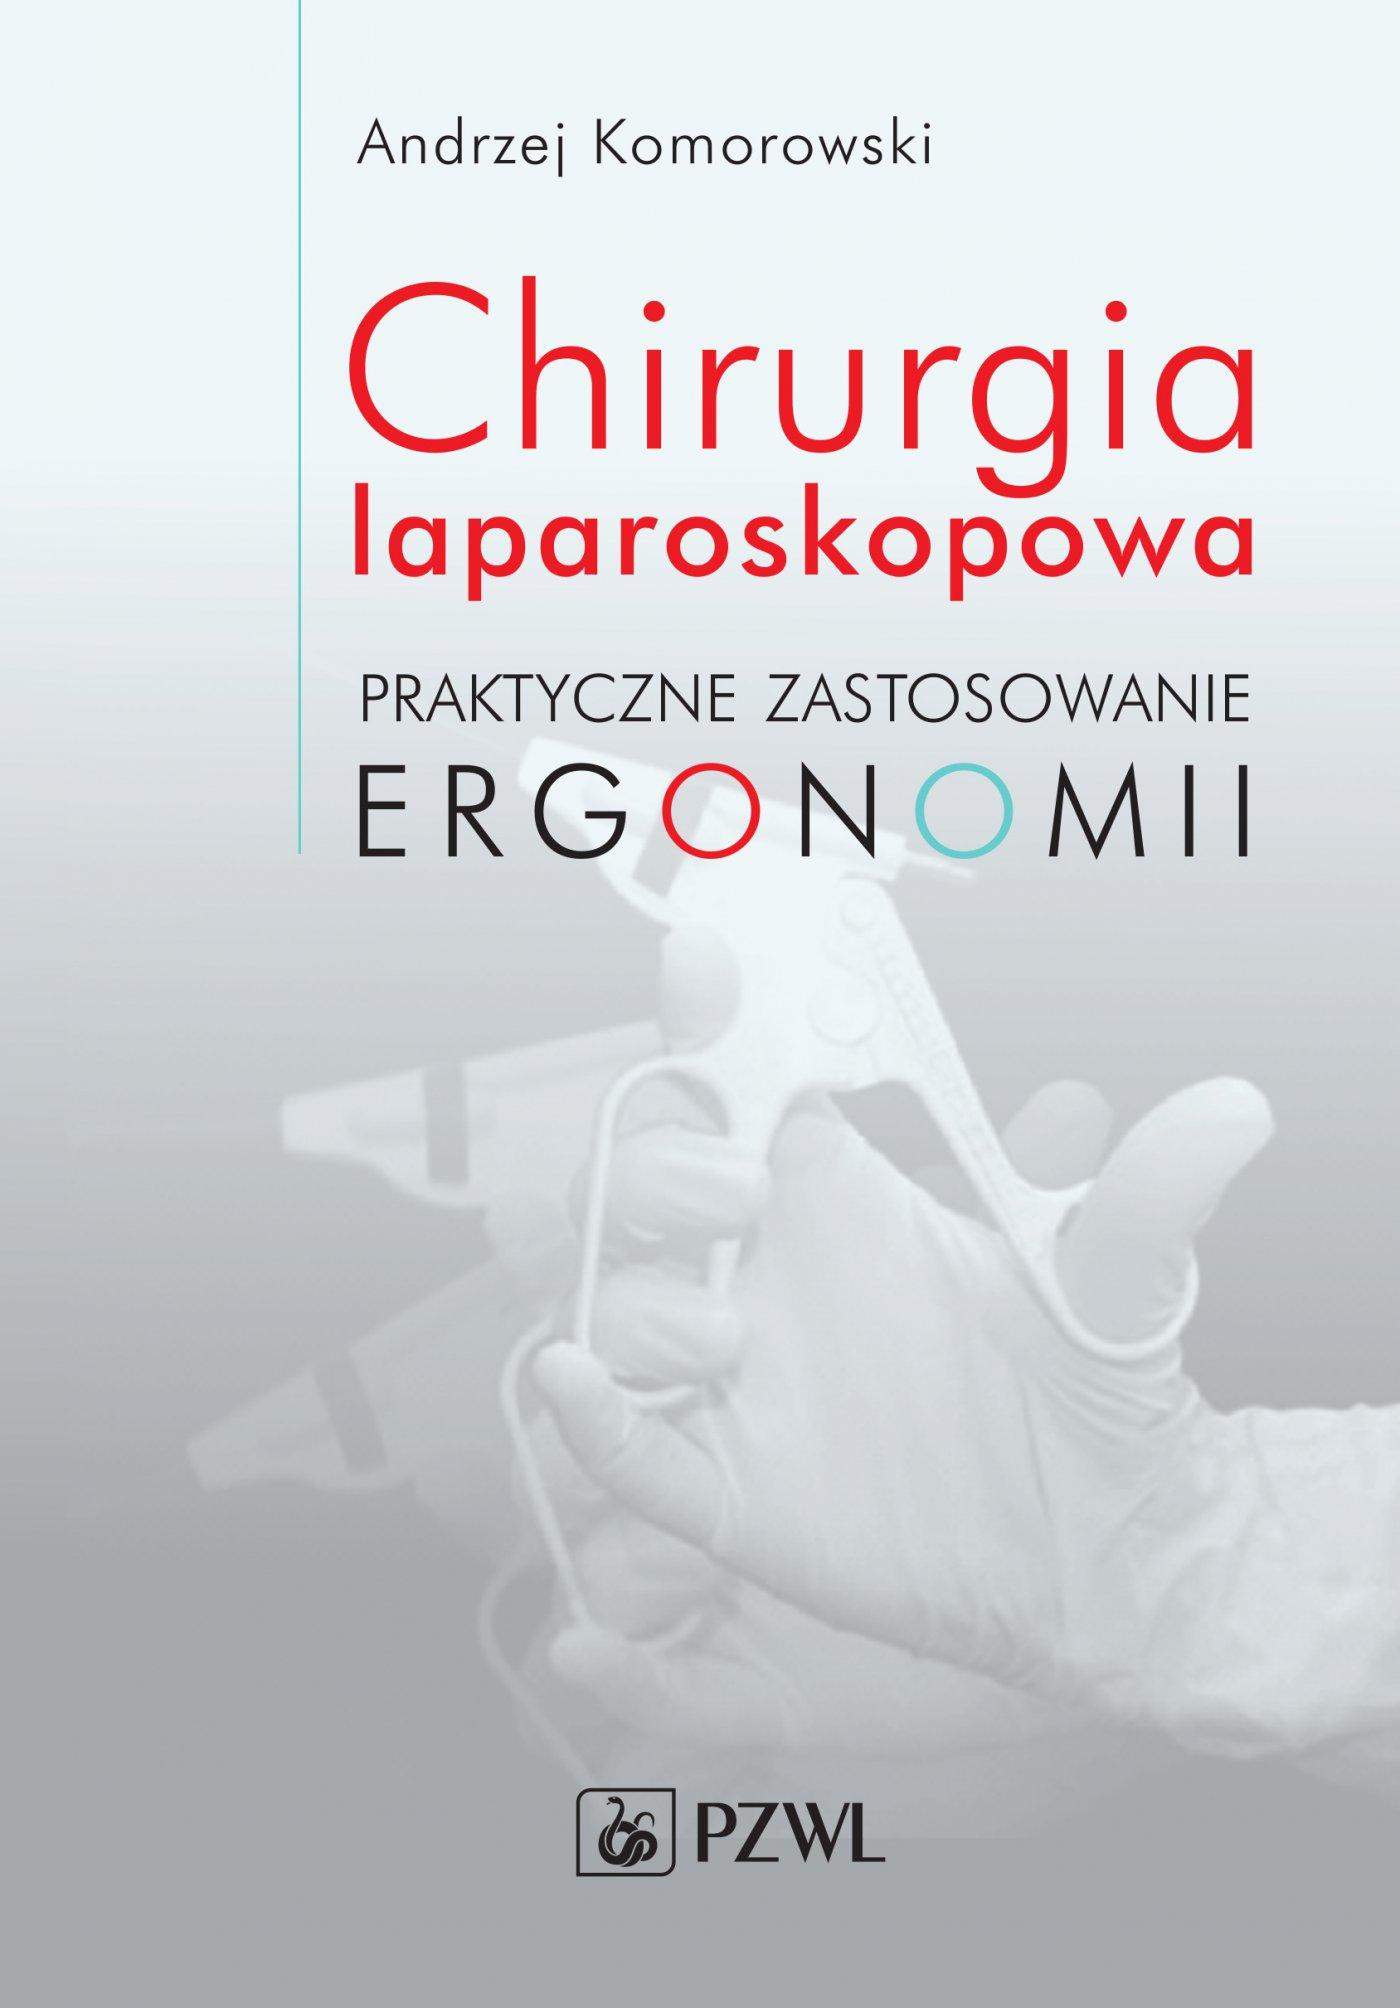 Chirurgia laparoskopowa. Praktyczne zastosowanie ergonomii - Ebook (Książka na Kindle) do pobrania w formacie MOBI